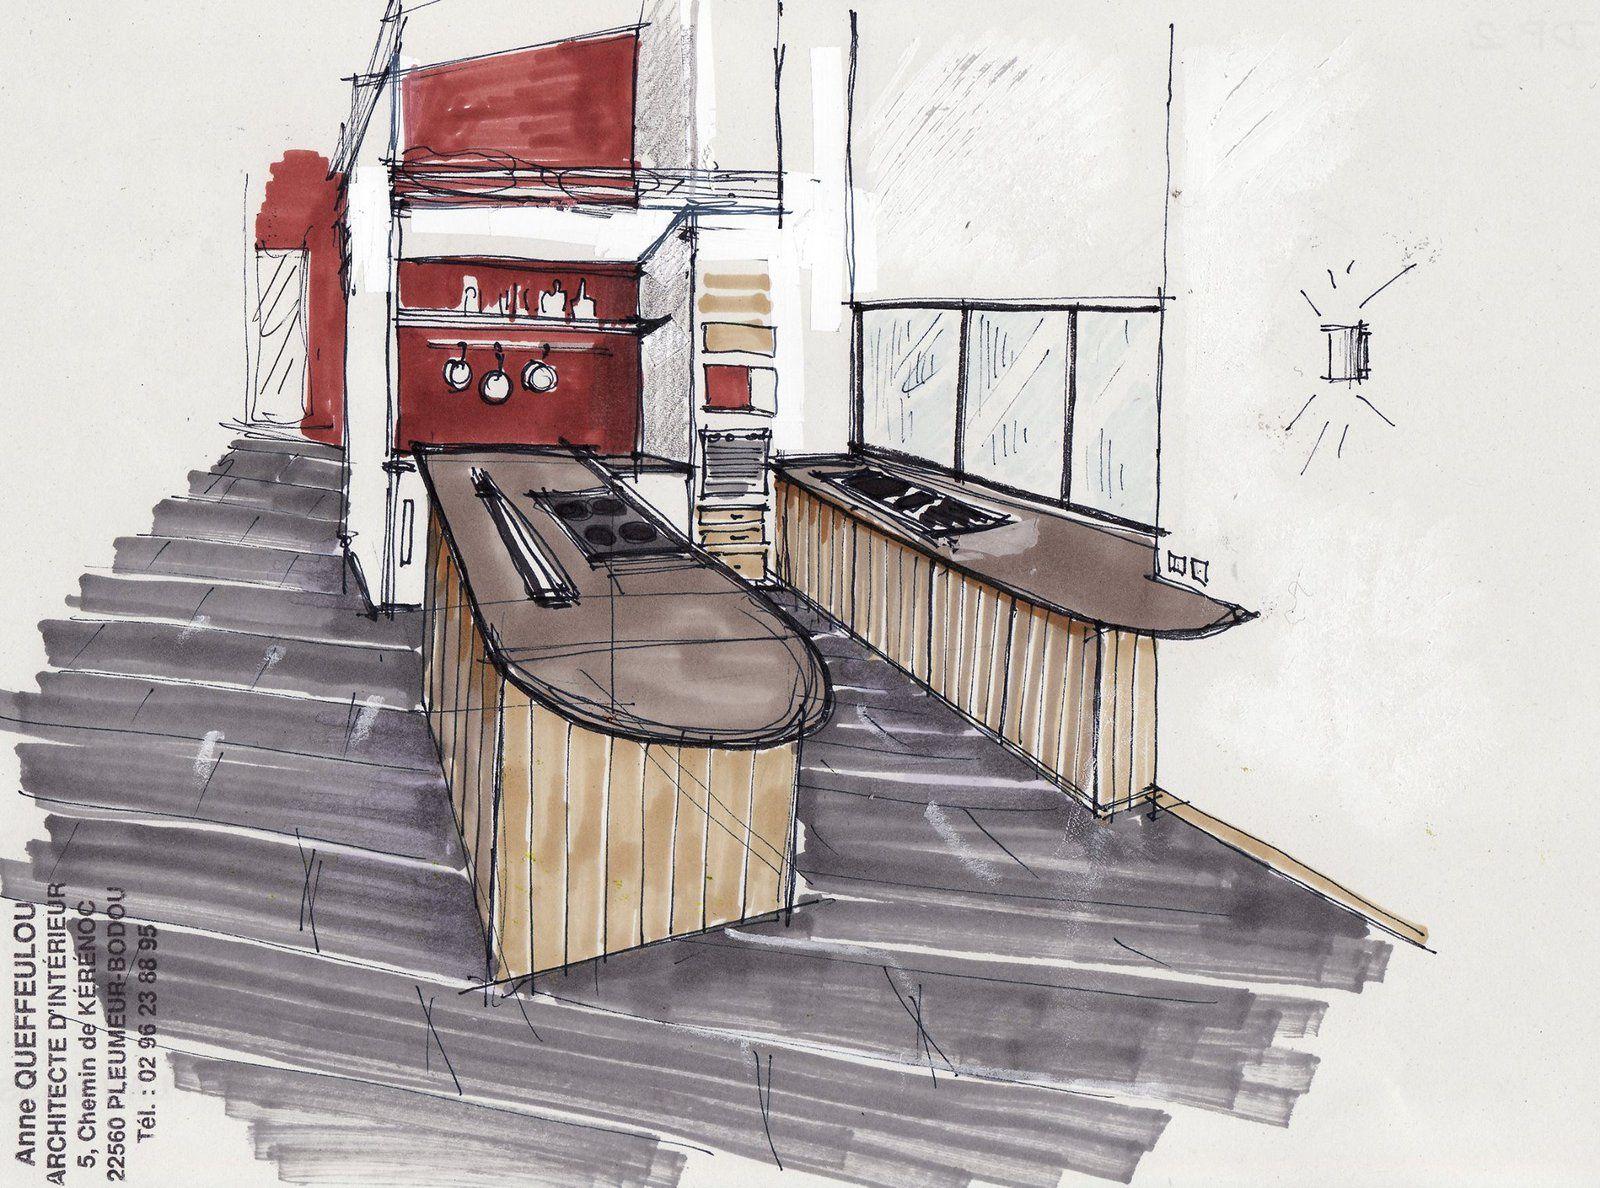 Cuisine fabriqué en collaboration avec l'architecte interieur  Anne Queffelou